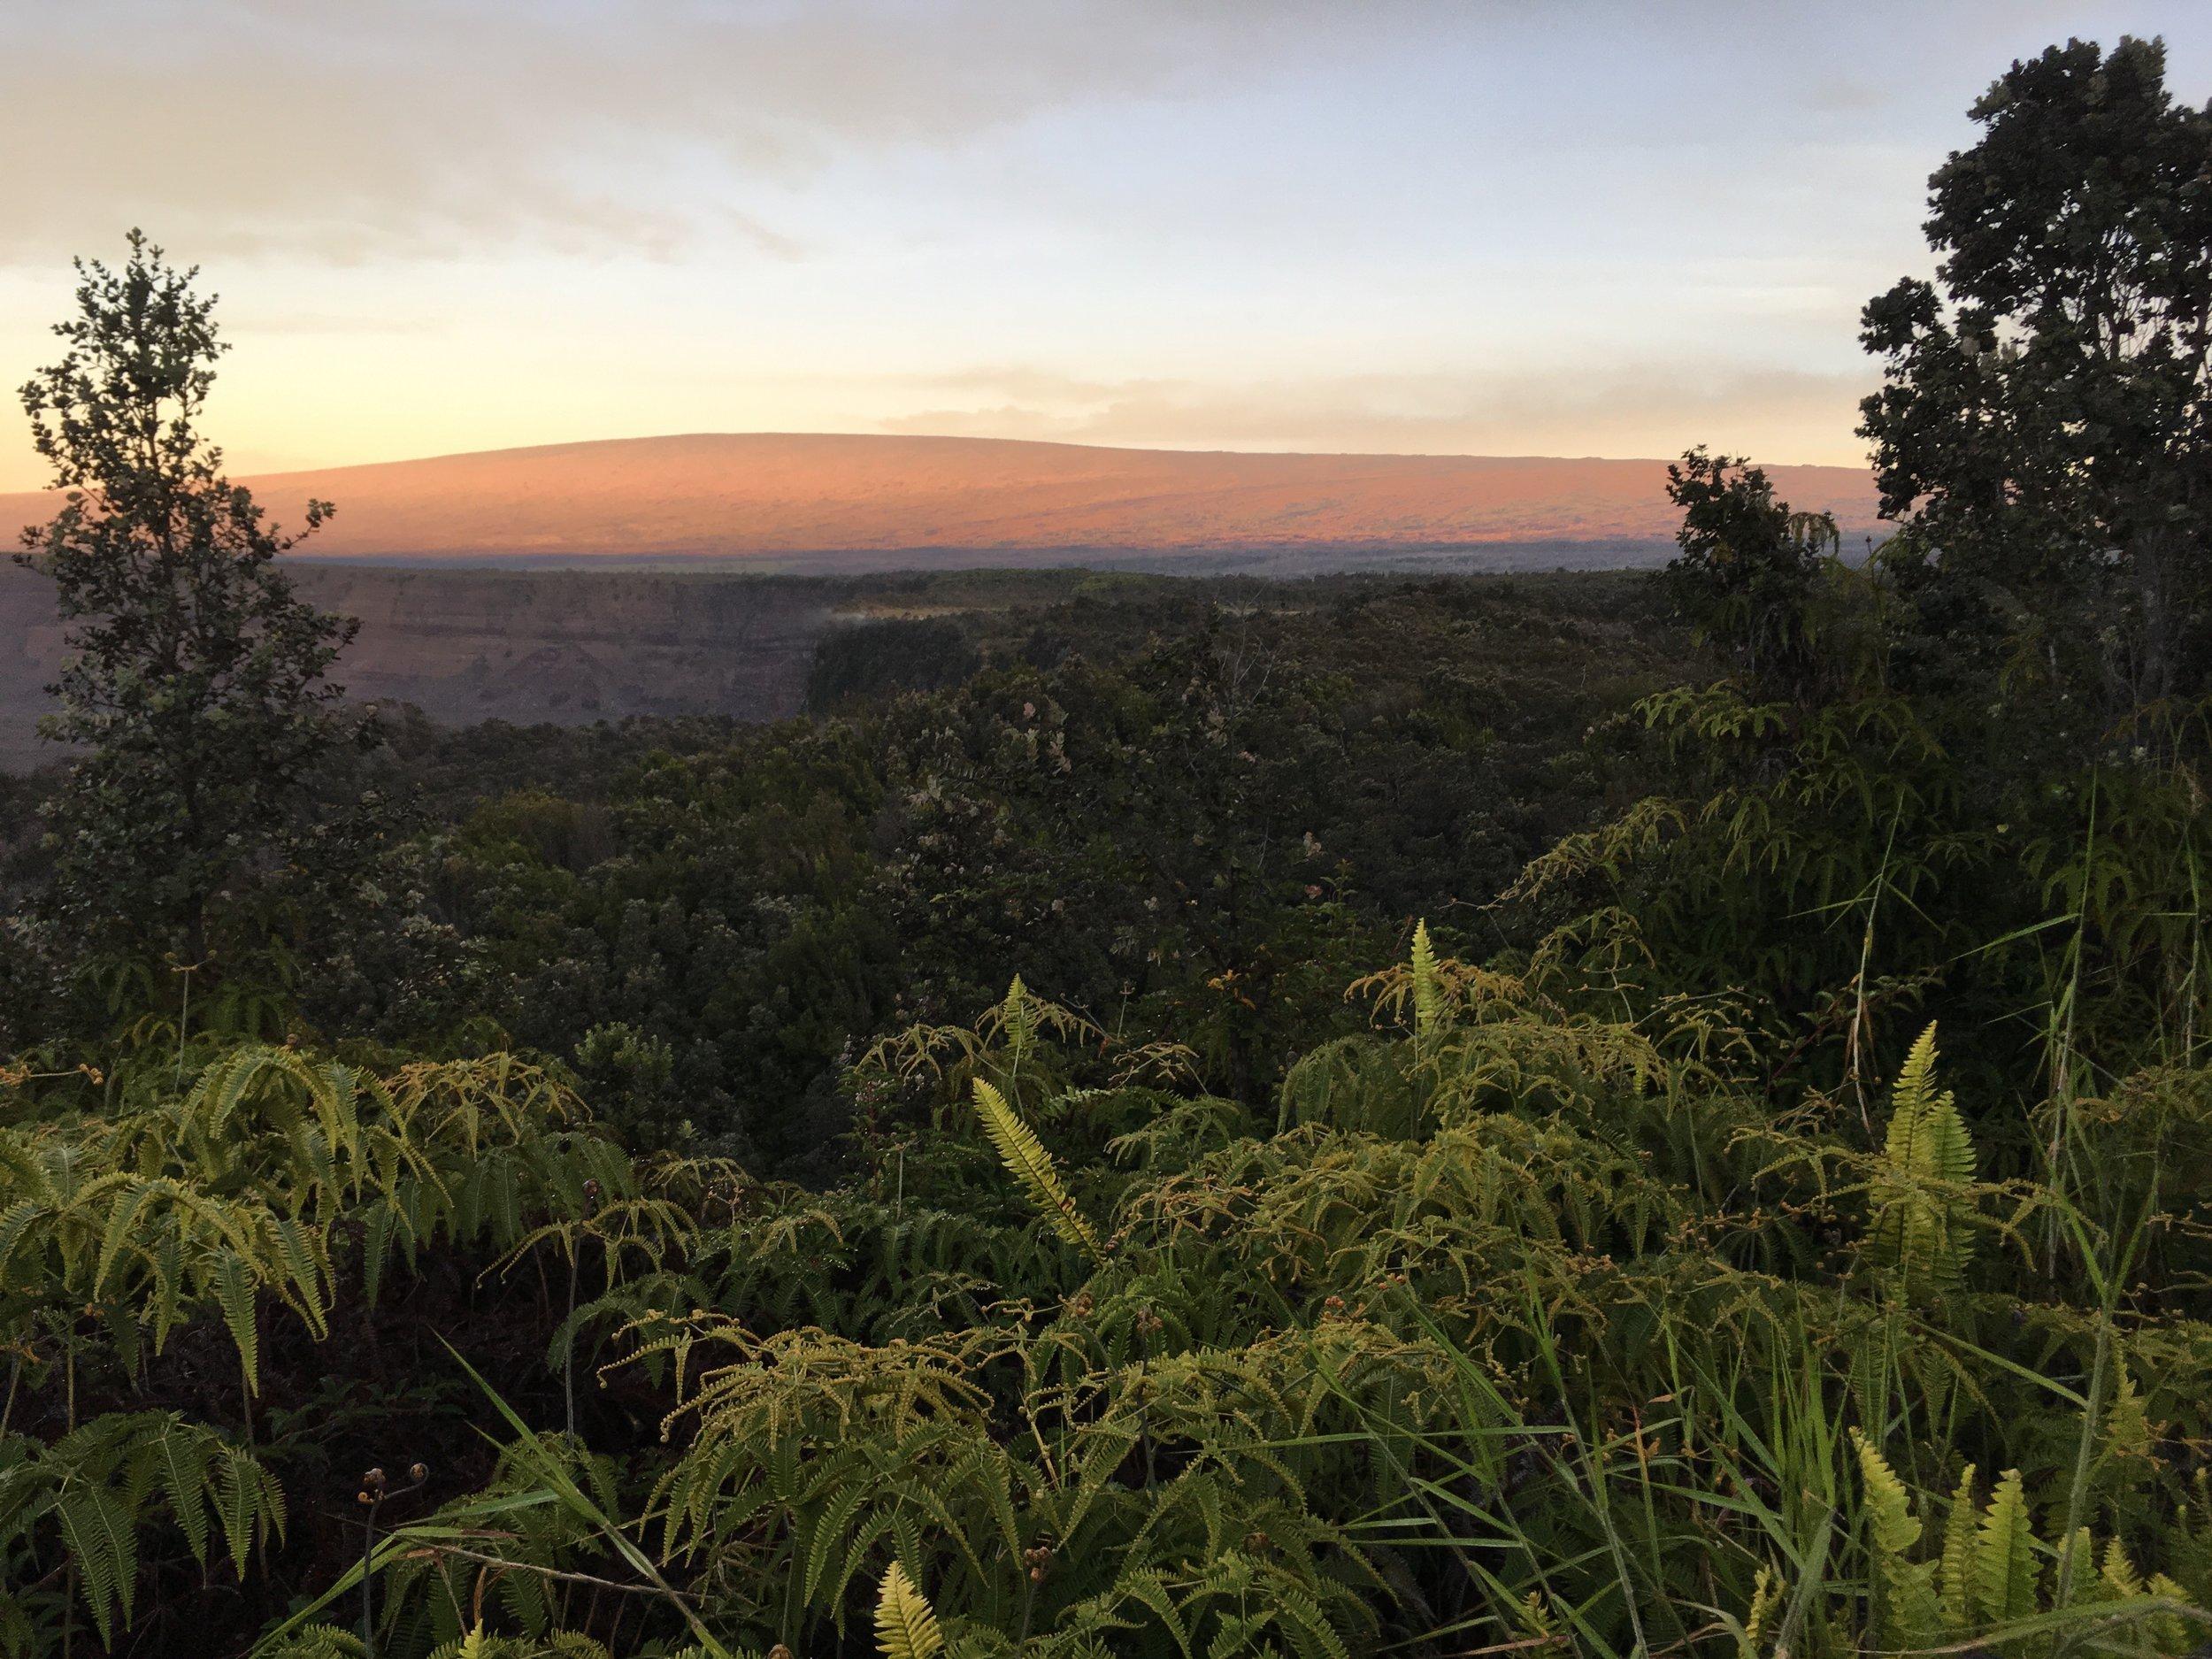 sunrise on Mauna Loa